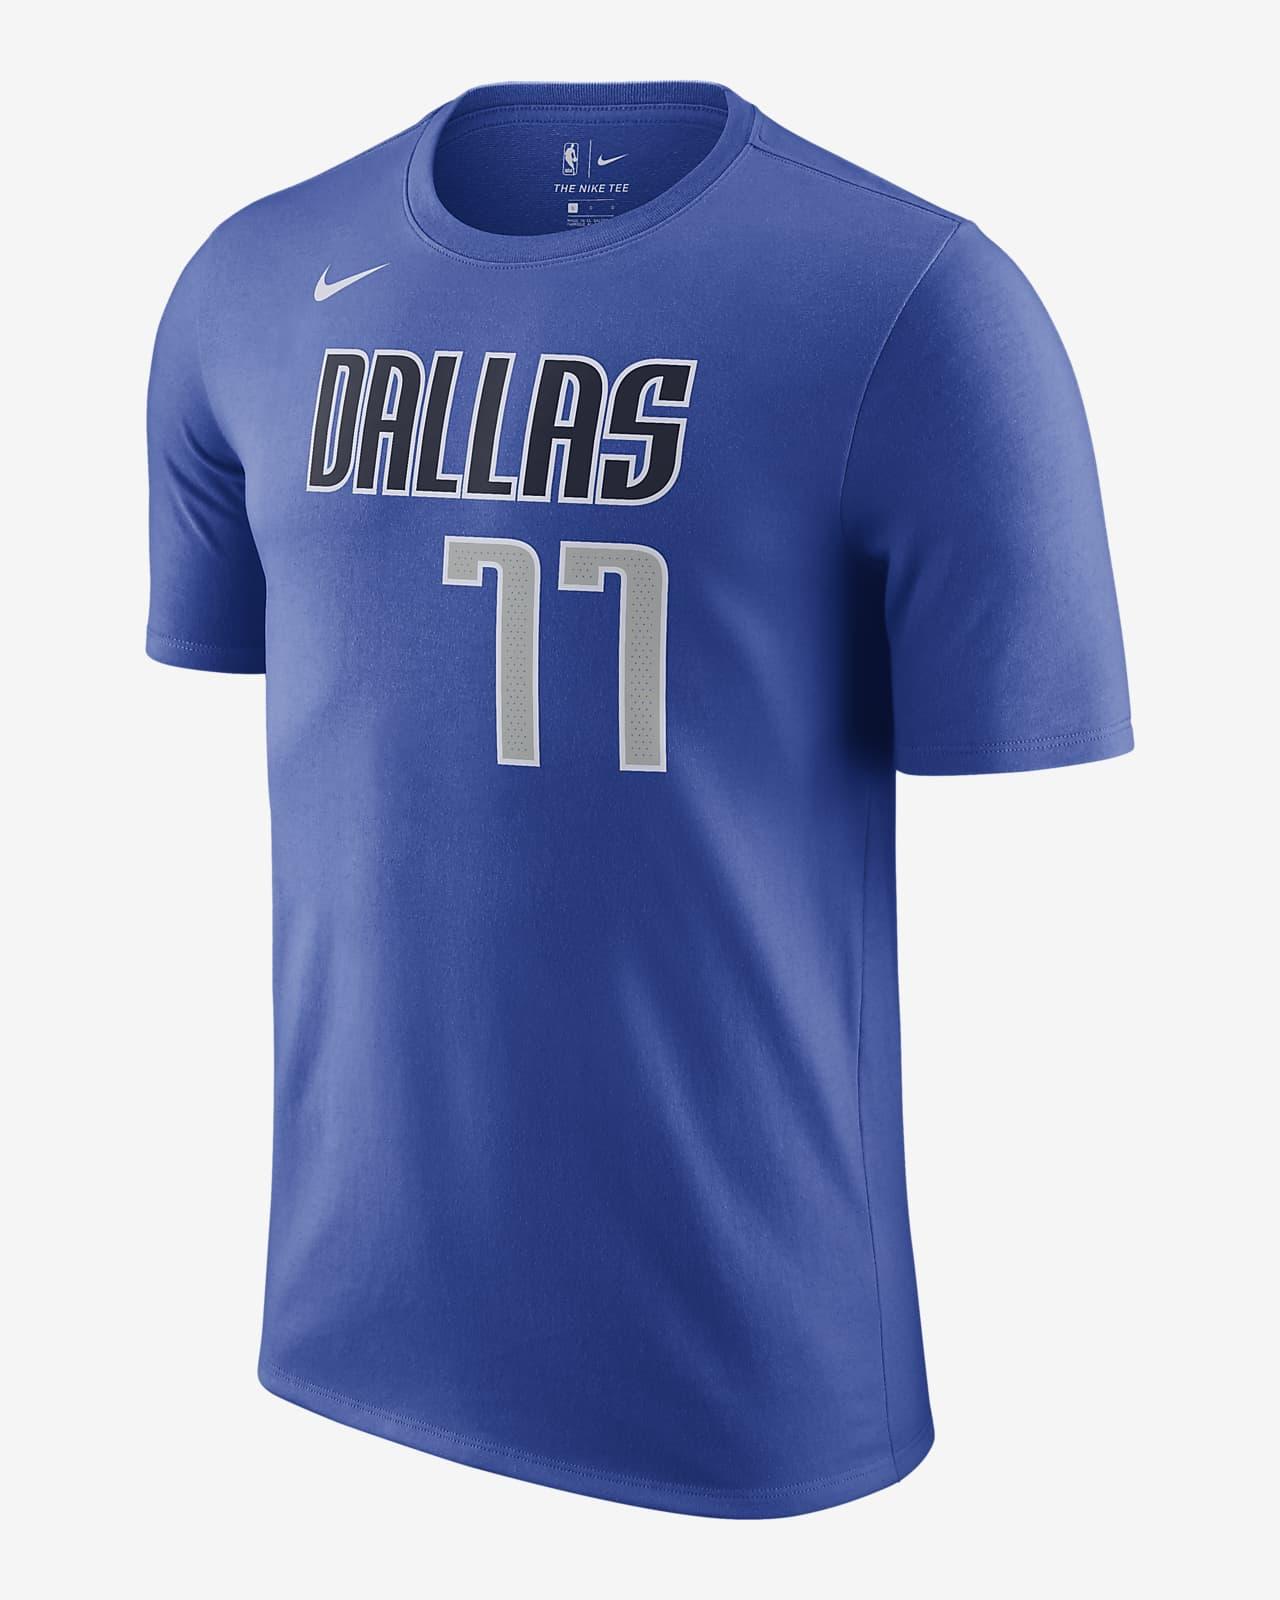 Dallas Mavericks Men's Nike NBA T-Shirt